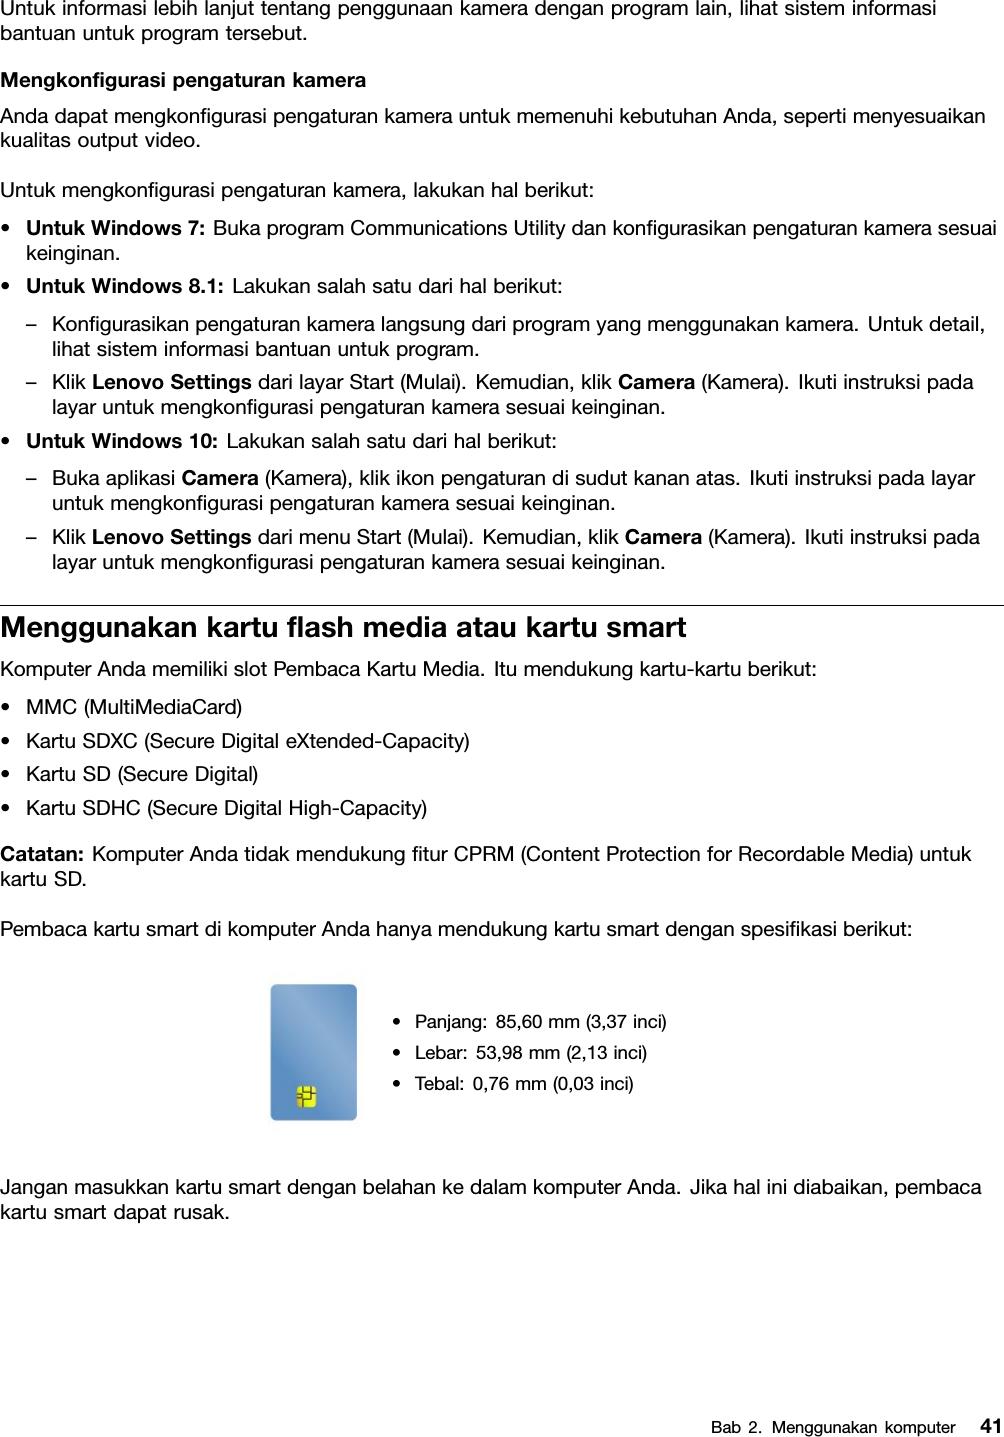 Lenovo X250 Ug Id User Manual (Bahasa Indonesia) Guide Think